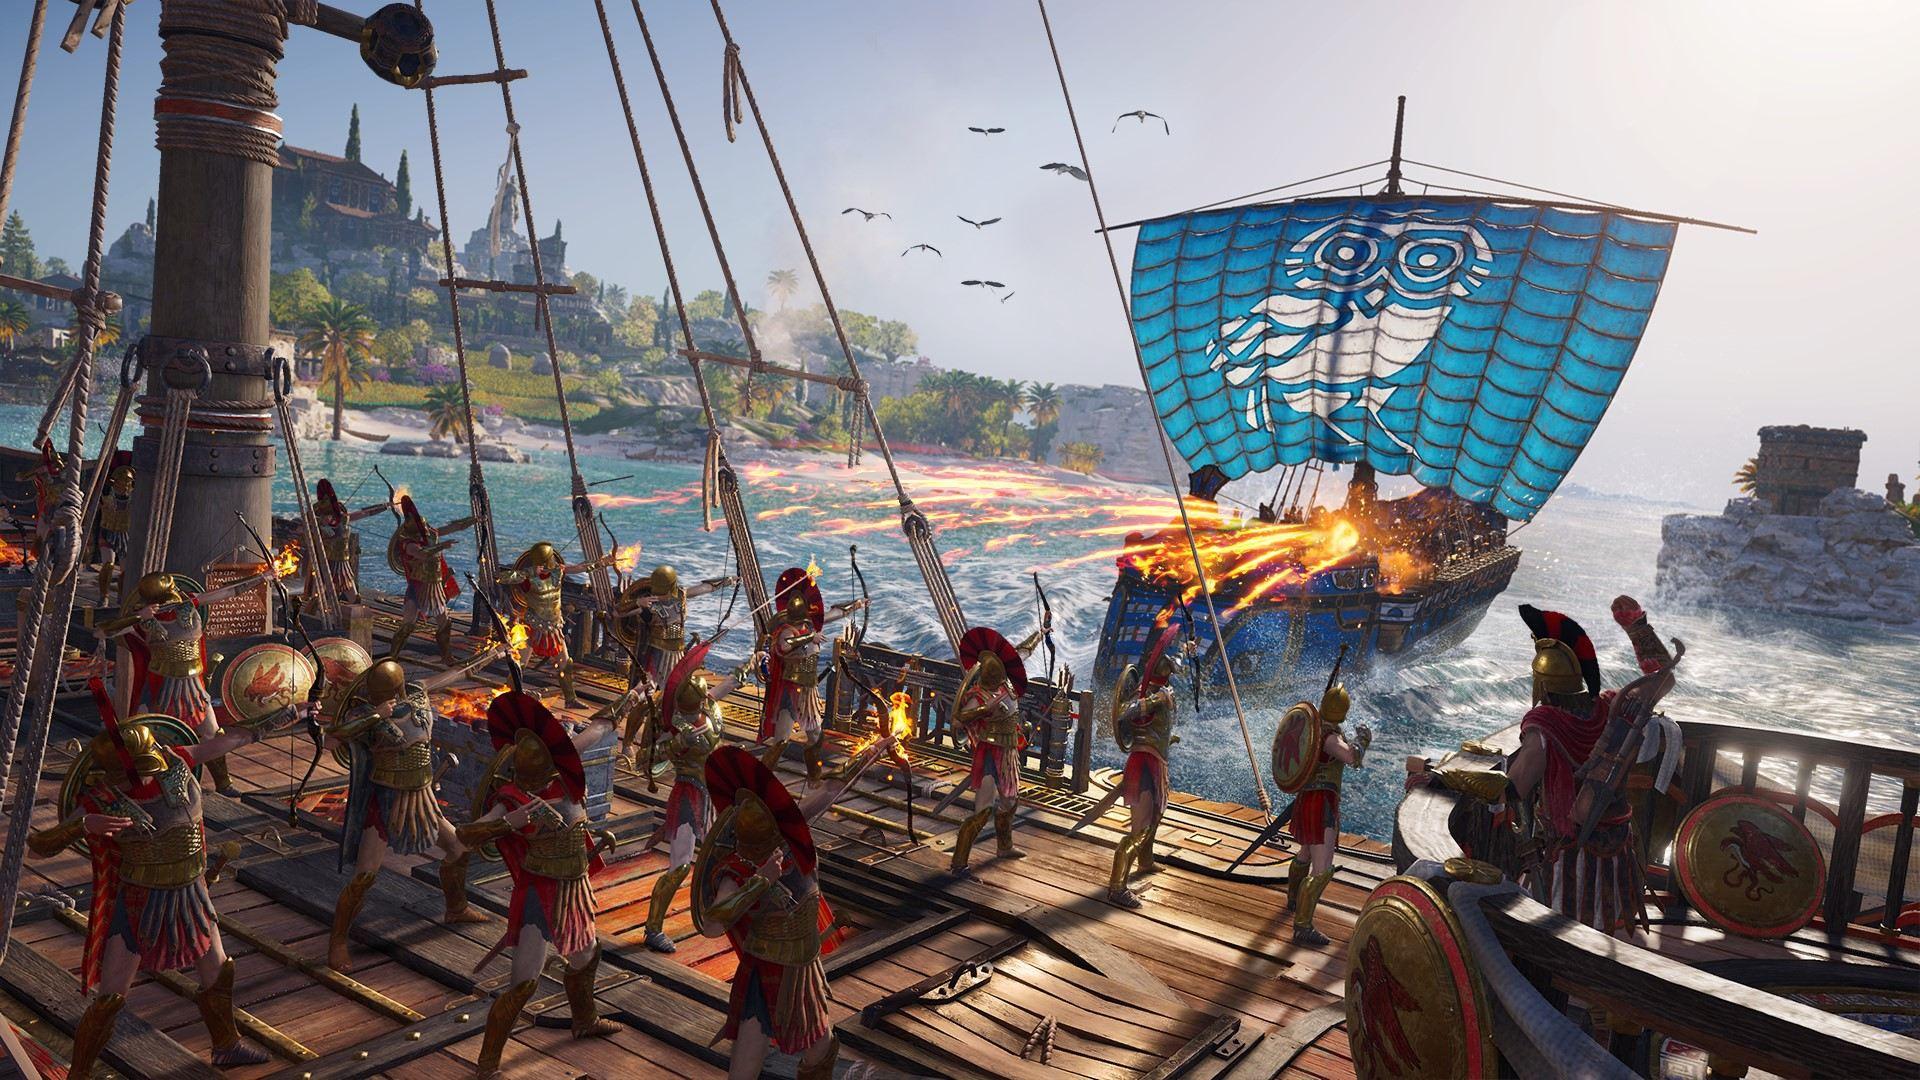 Оцените размер карты в Assassin's Creed Odyssey